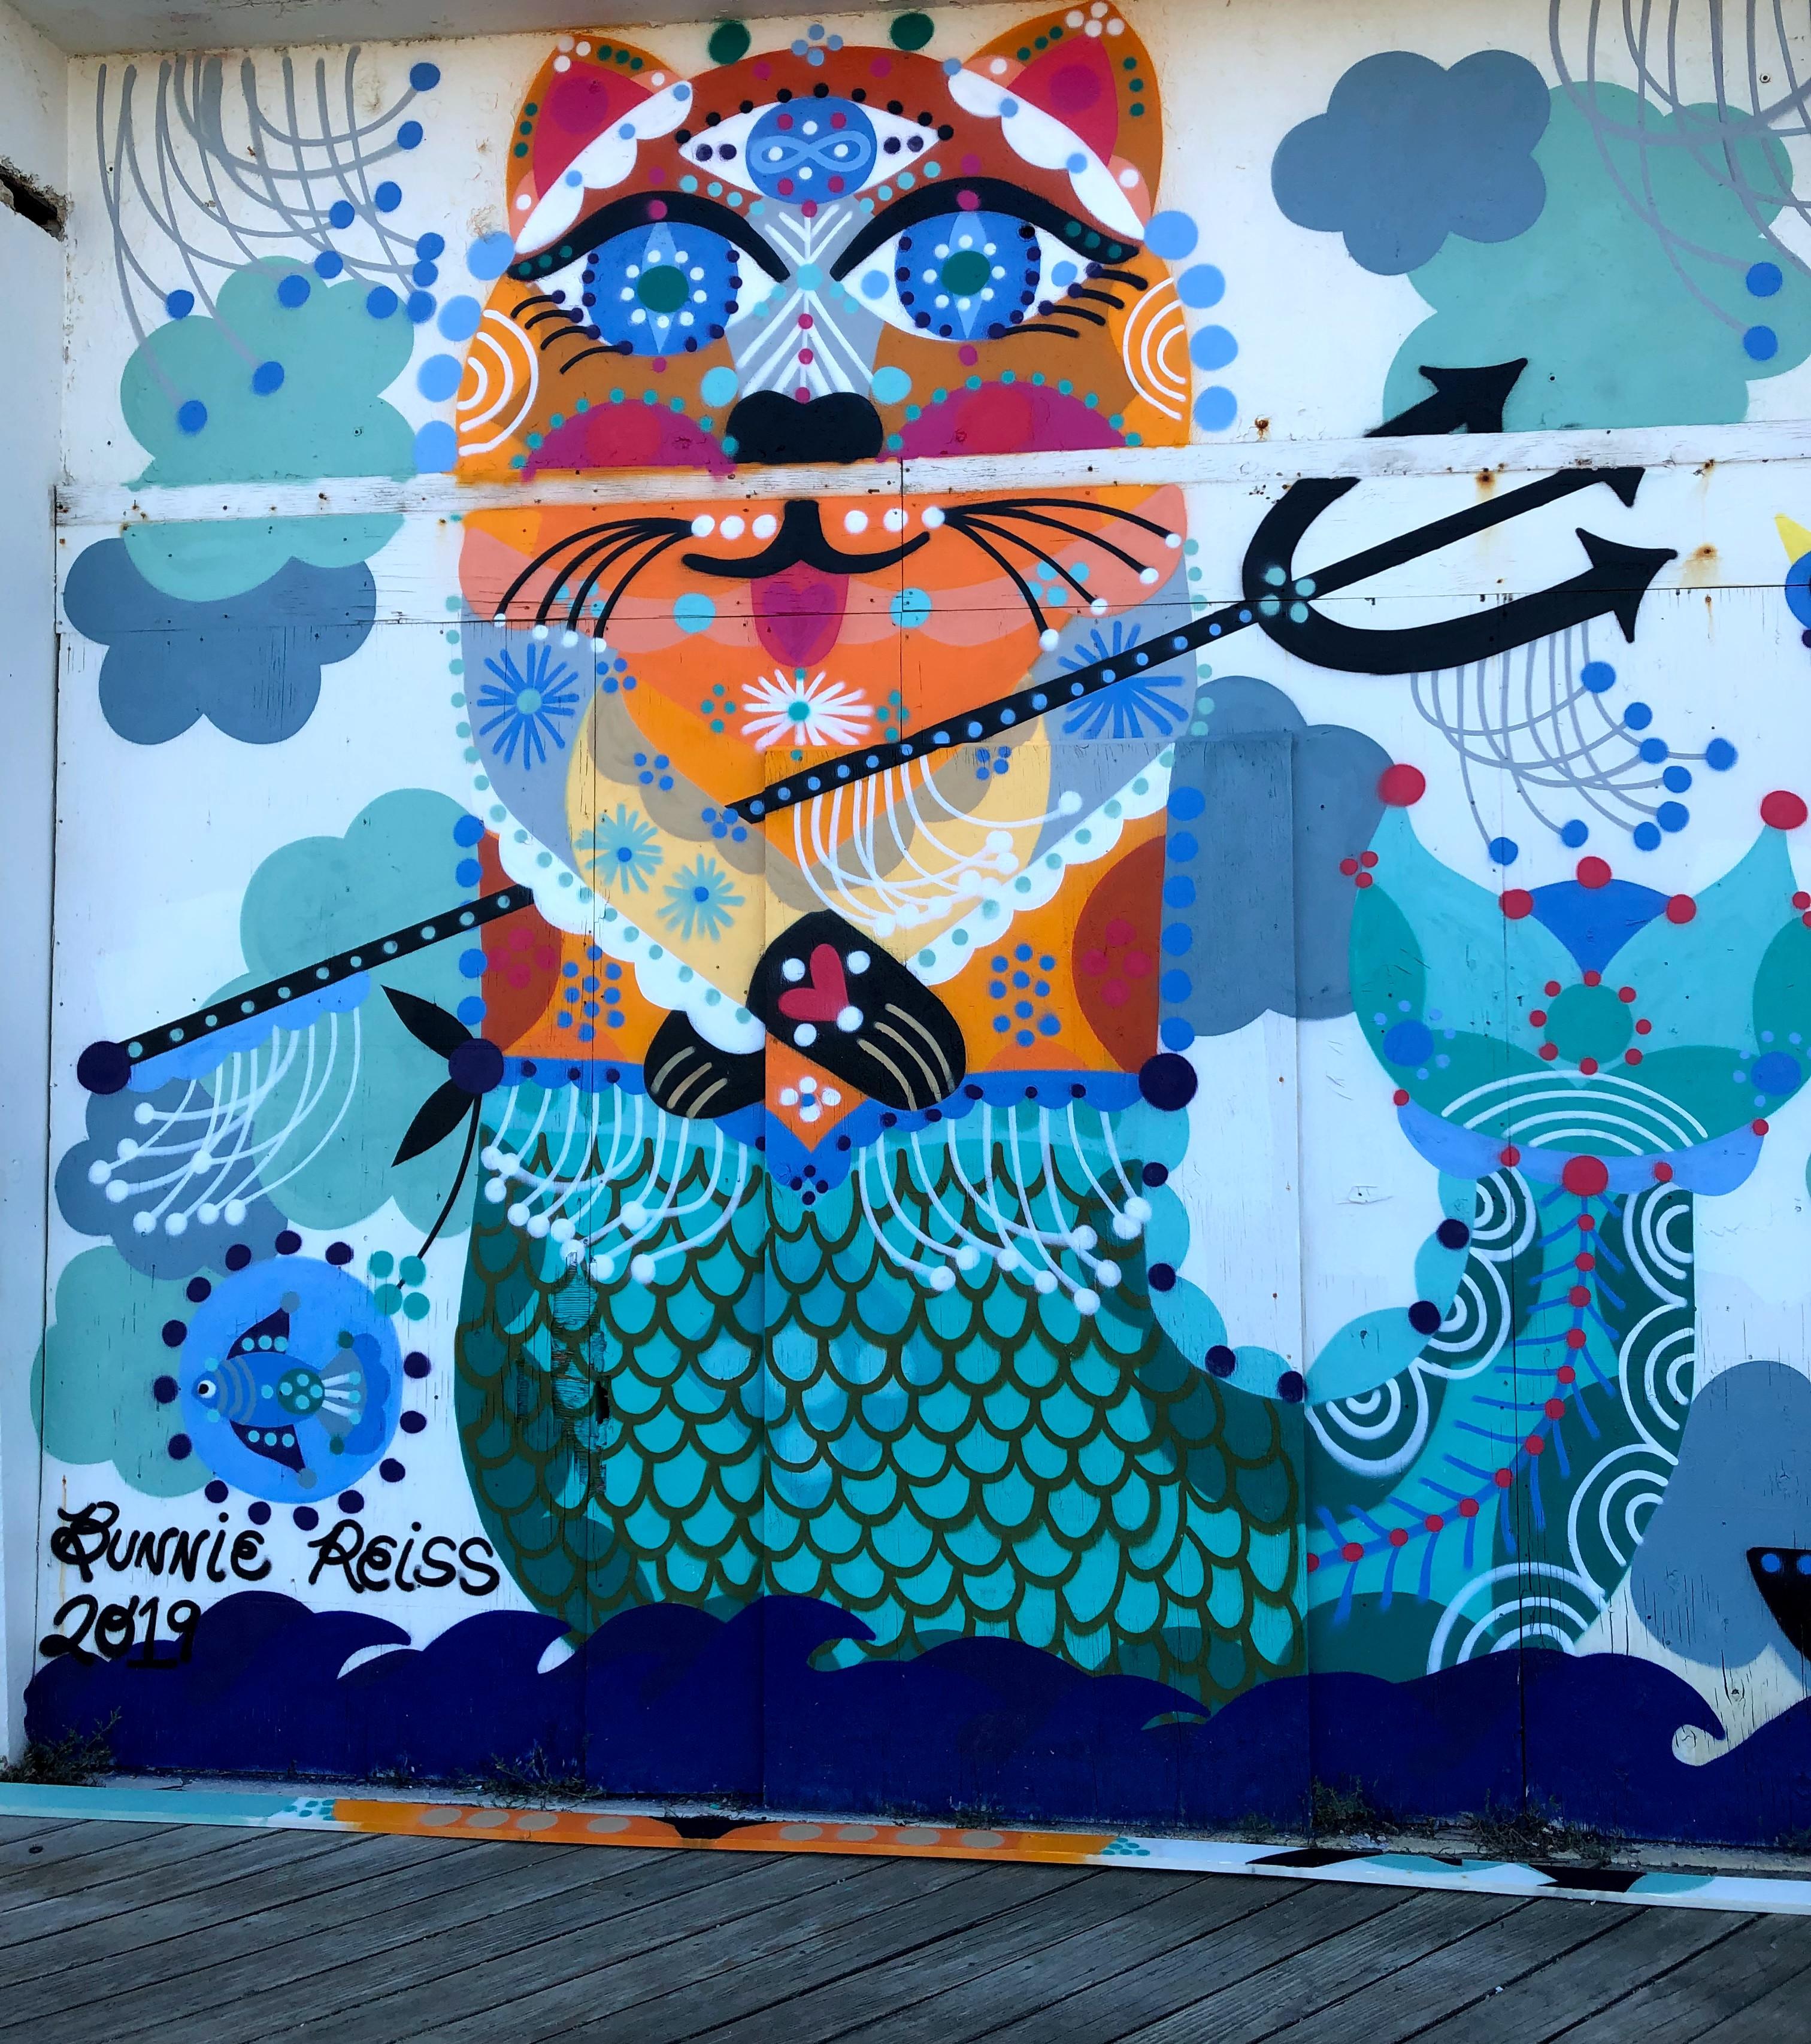 Bonnie Reiss mural